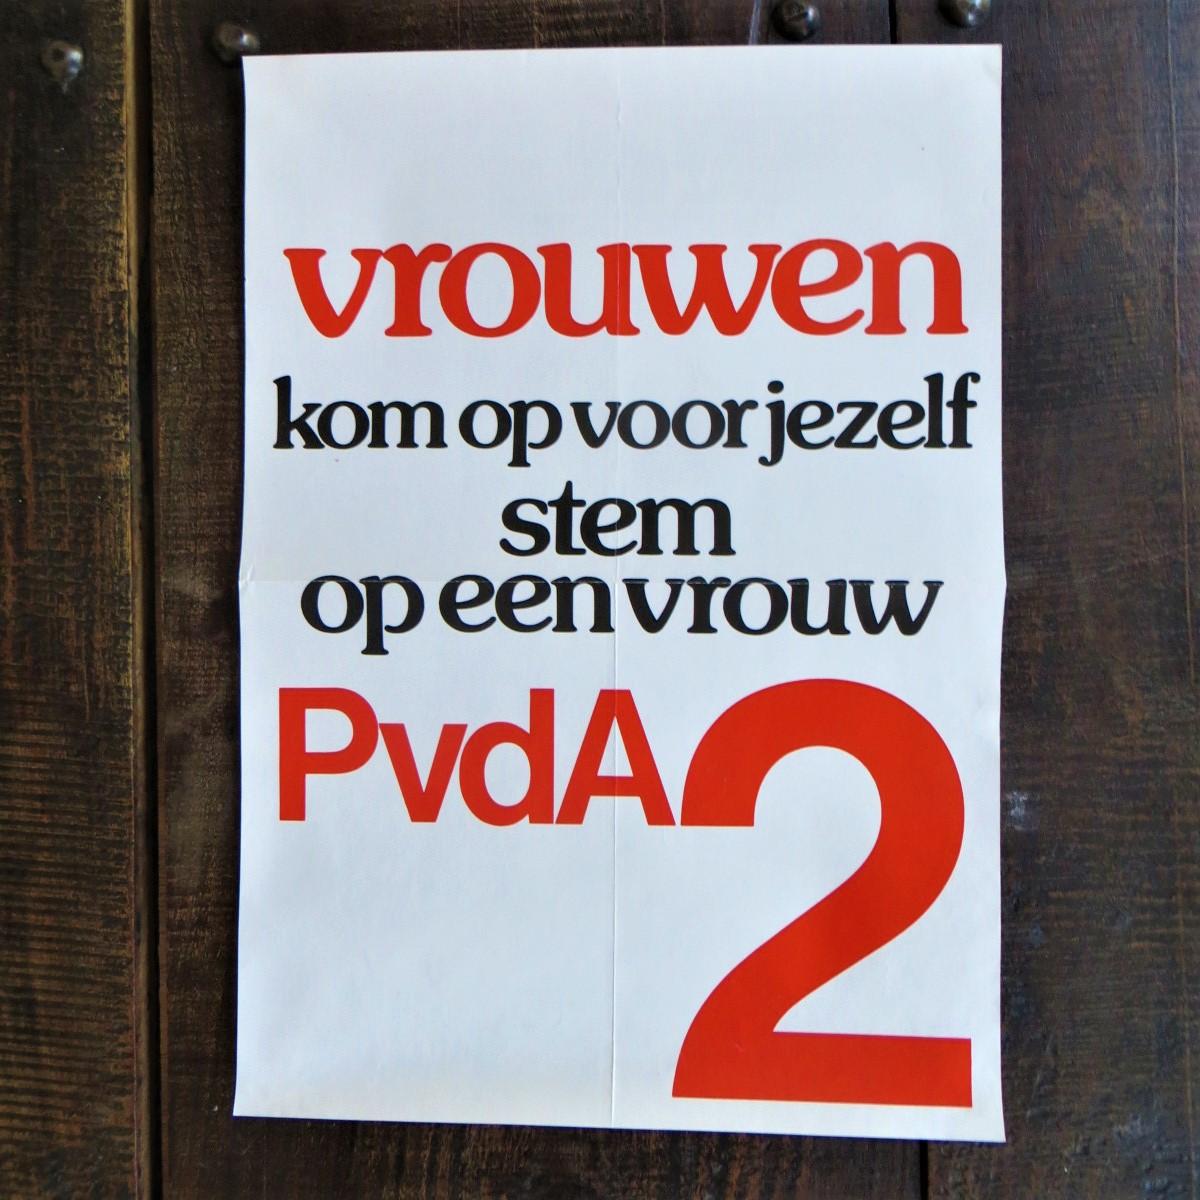 poster-pvda-stem-op-een-vrouw-1